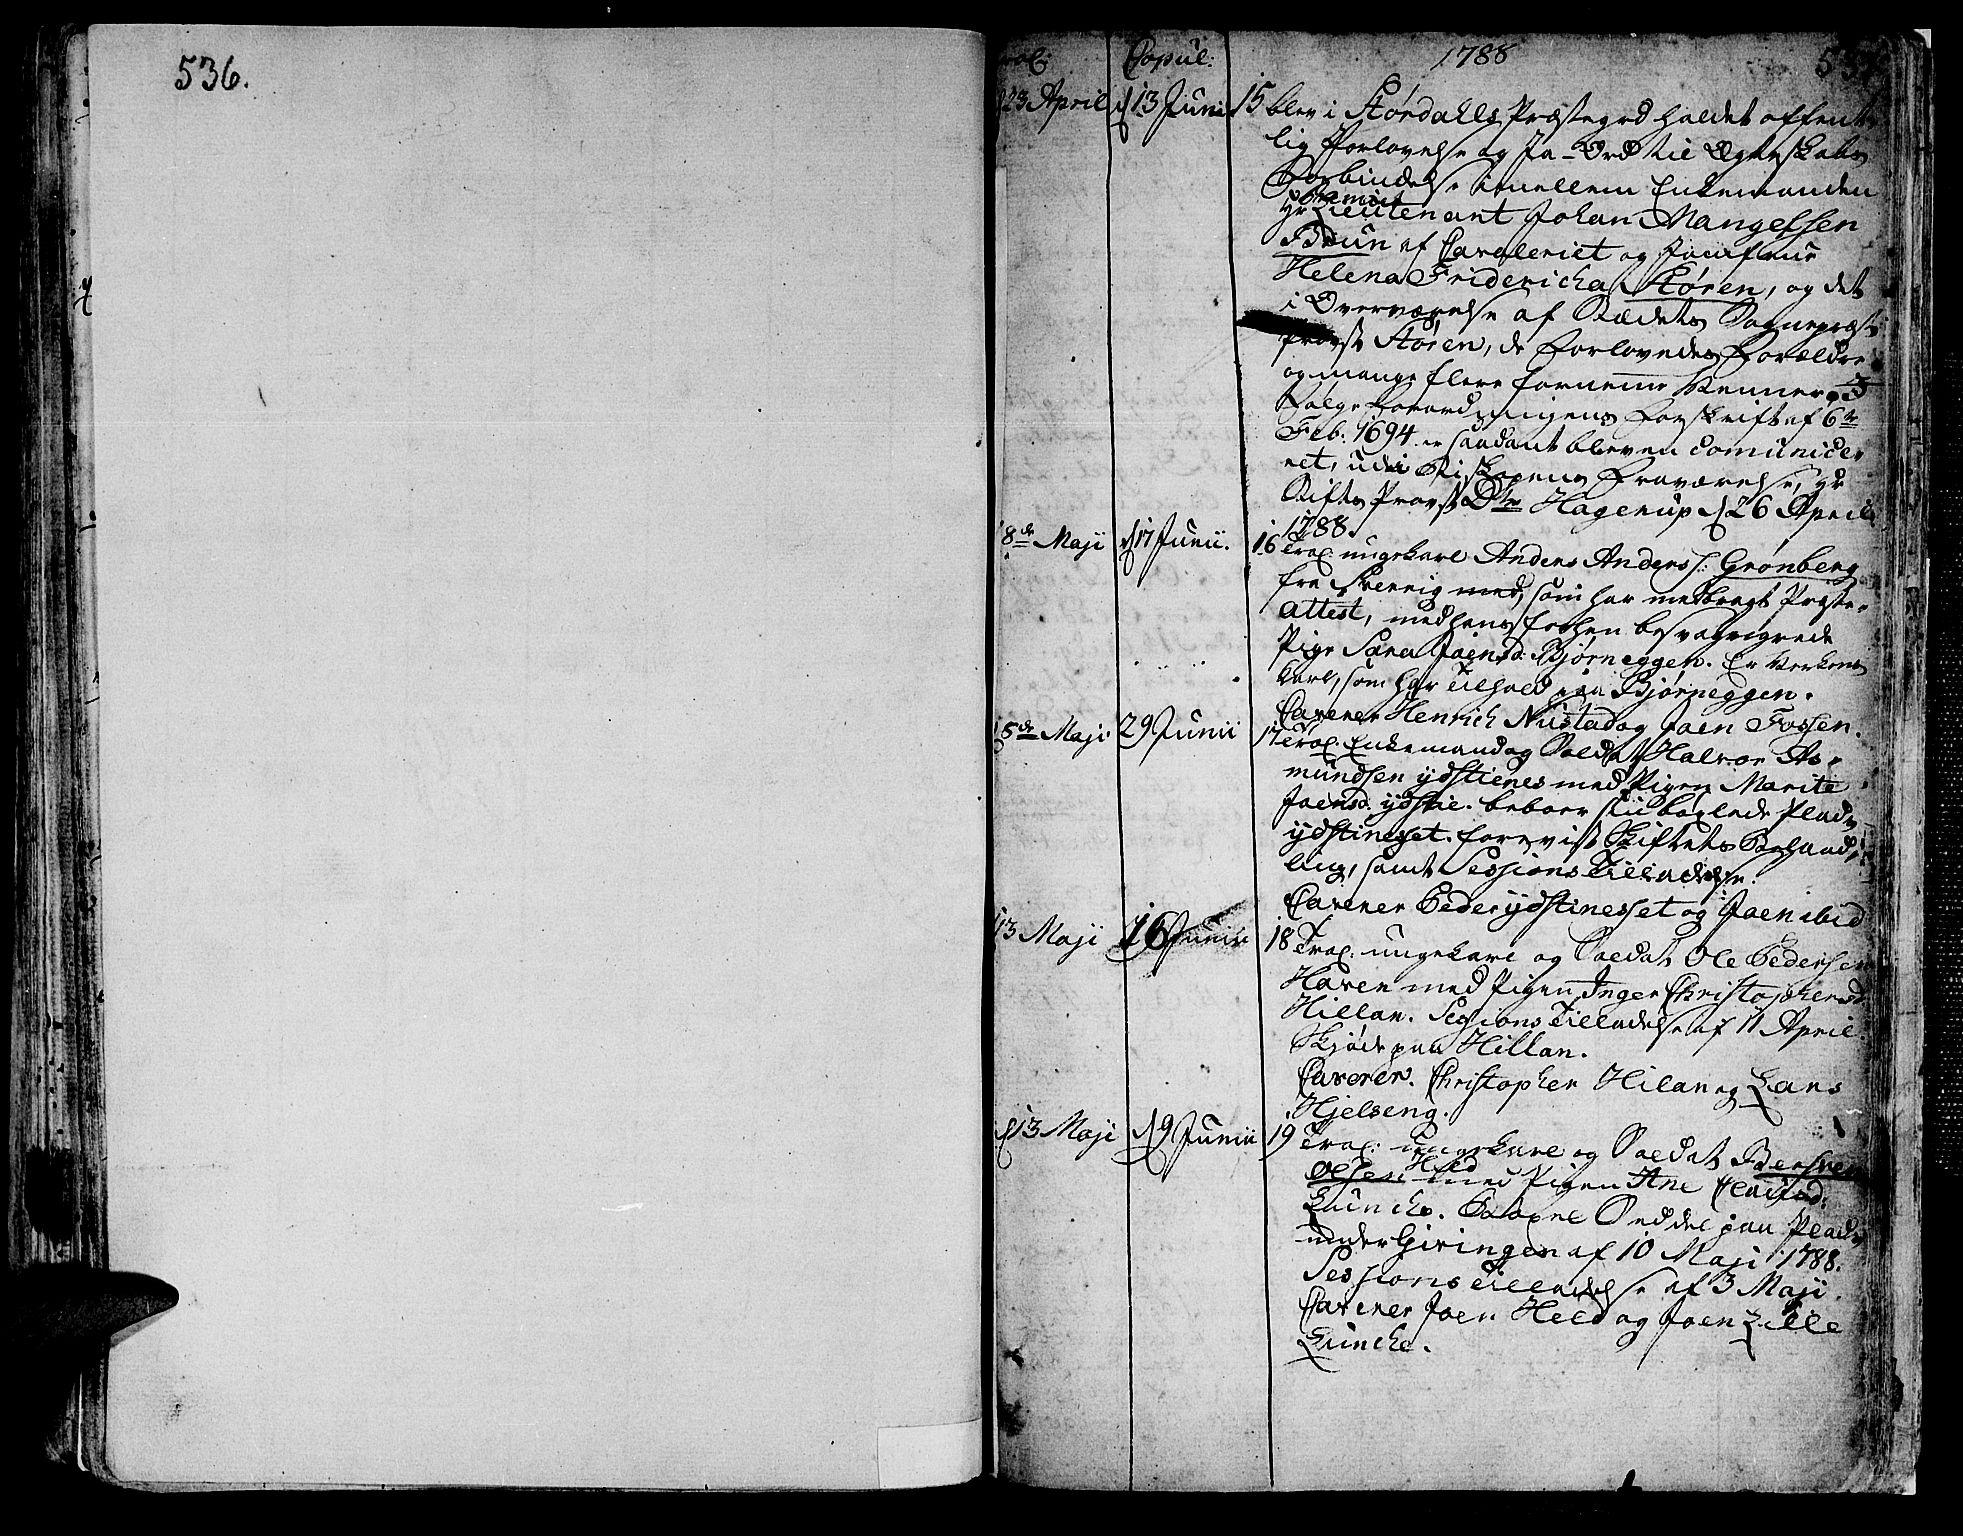 SAT, Ministerialprotokoller, klokkerbøker og fødselsregistre - Nord-Trøndelag, 709/L0059: Ministerialbok nr. 709A06, 1781-1797, s. 536-537